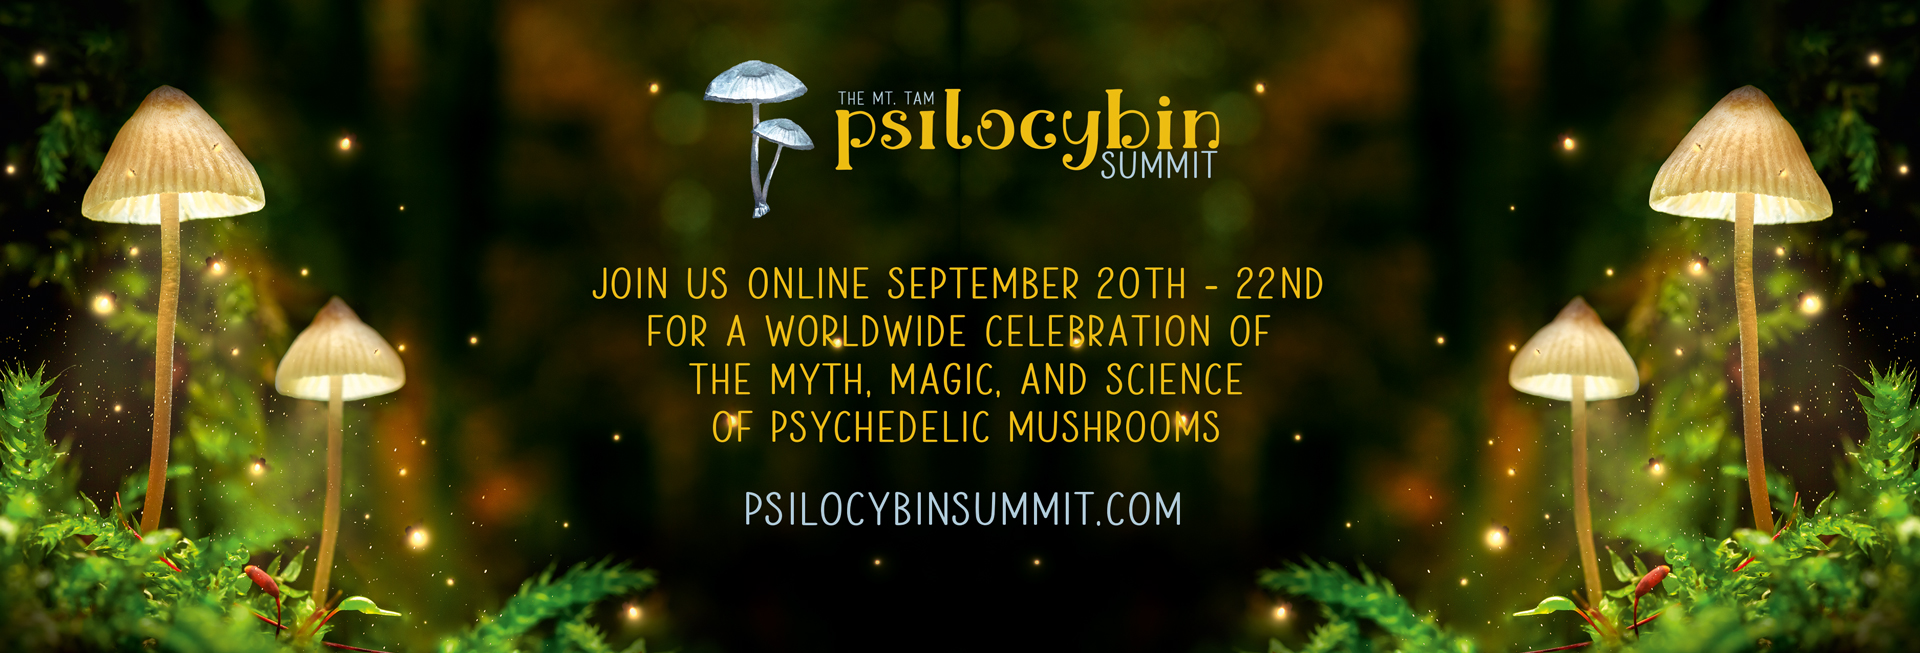 psilocybin summit